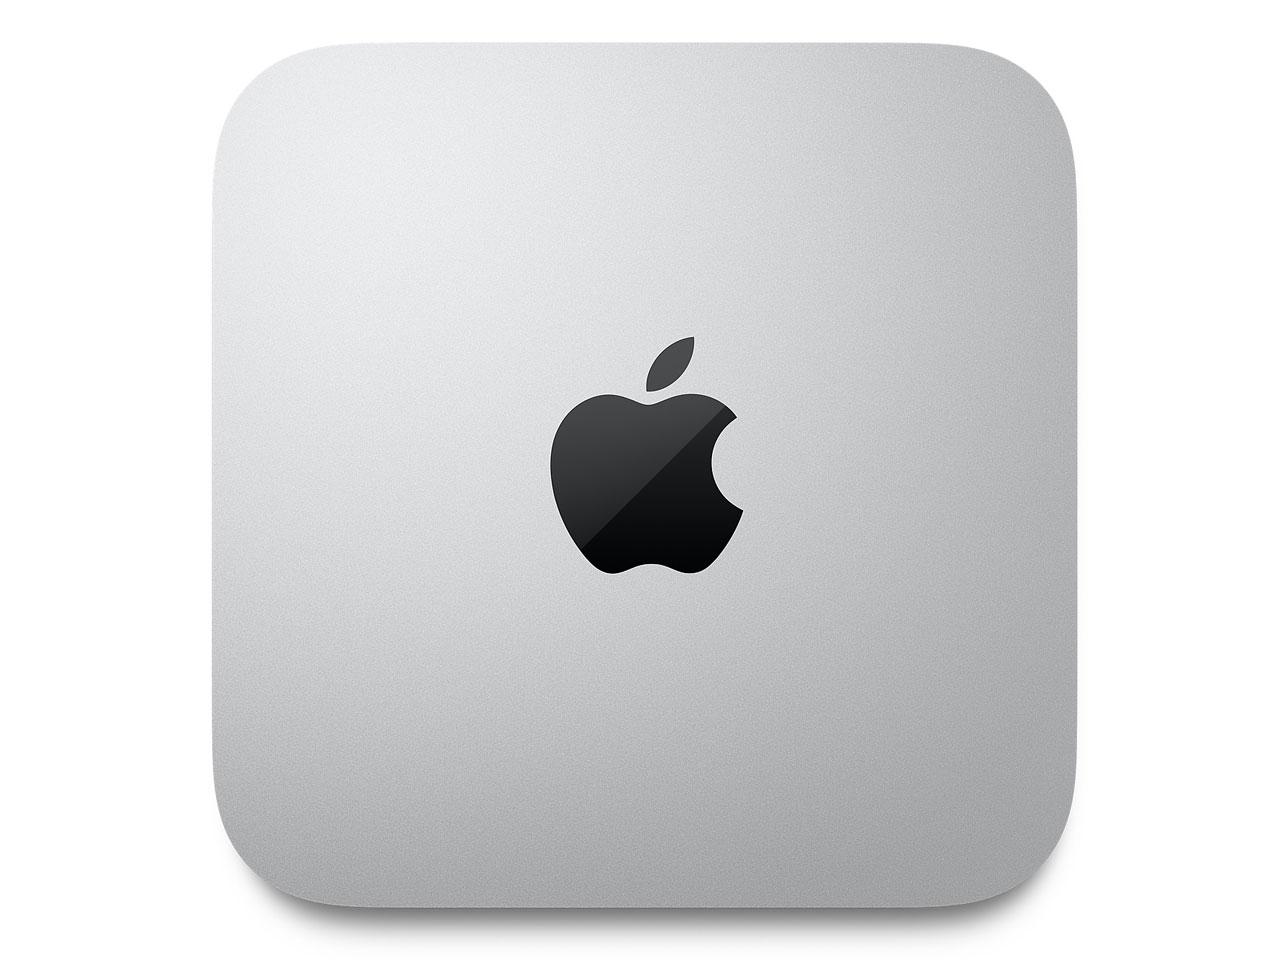 『本体 上面』 Mac mini MGNR3J/A [シルバー] の製品画像